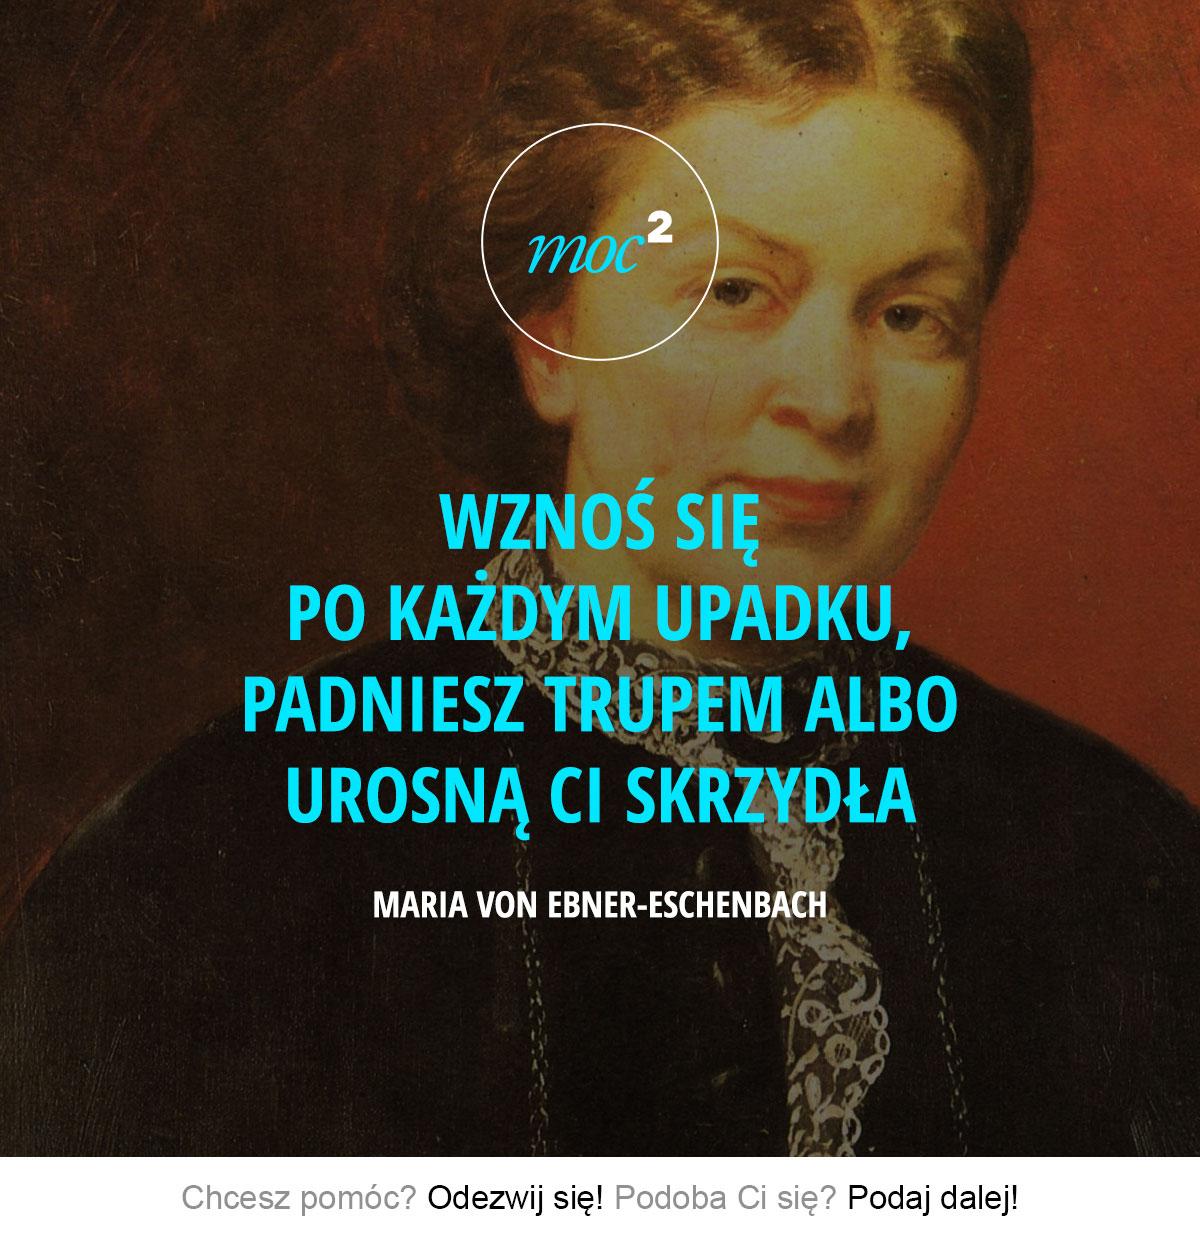 Wznoś się po każdym upadku, padniesz trupem albo urosną Ci skrzydła. - Maria von Ebner-Eschenbach